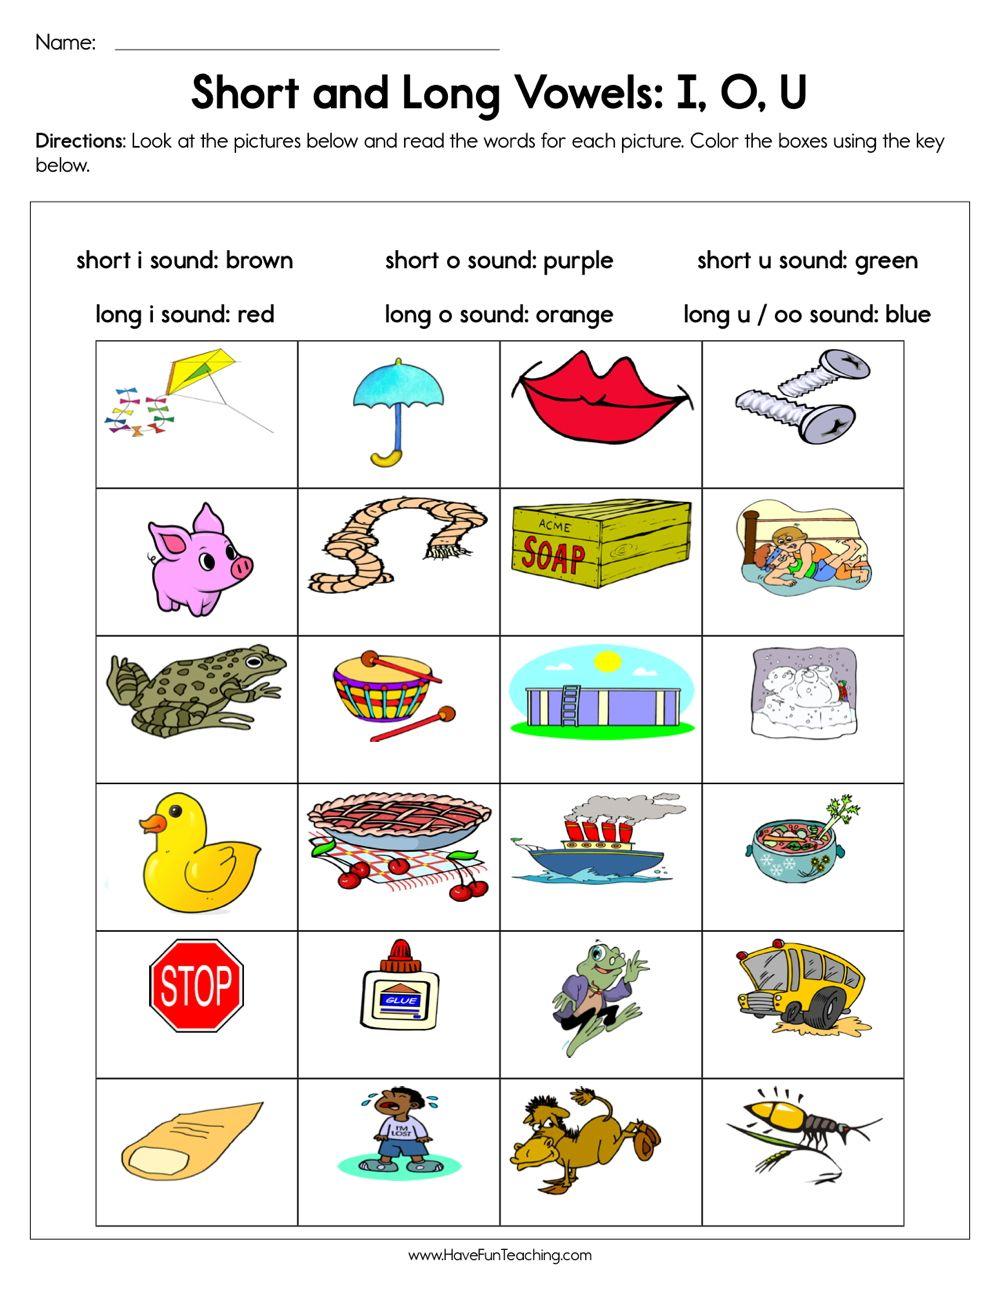 Short And Long Vowels I O U Worksheet Vowel Worksheets Vowel Activities Short Vowel Activities [ 1294 x 1000 Pixel ]